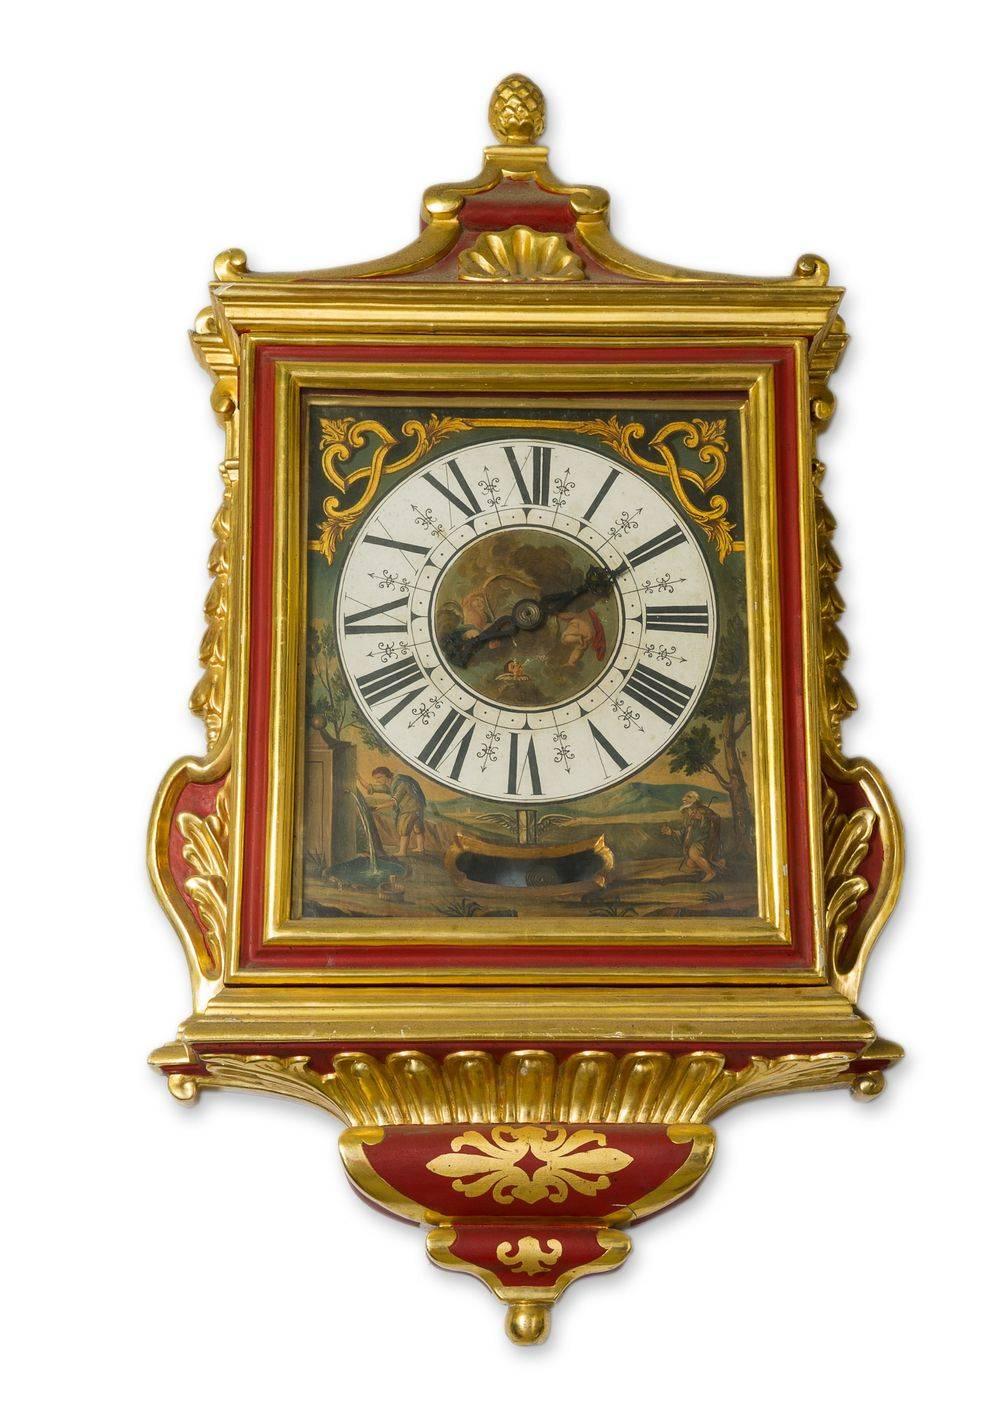 Tal-lira clock